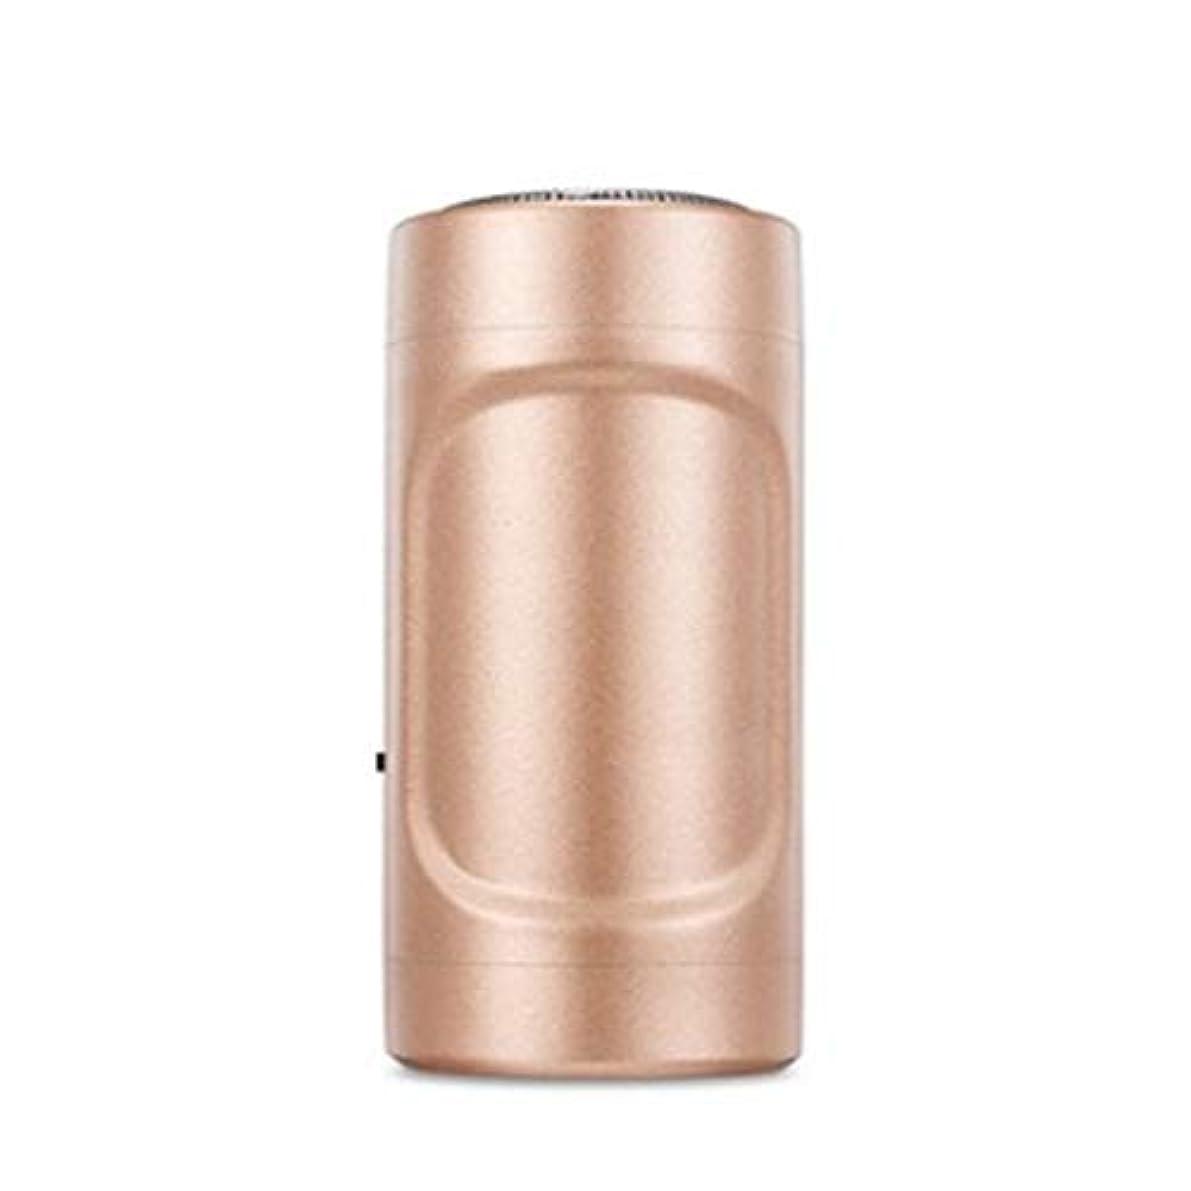 蚊嵐盗難ミニシェーバーUSBアップルアンドロイドミニエピレータ屋外旅行懐中電灯ミニポケット(真鍮)